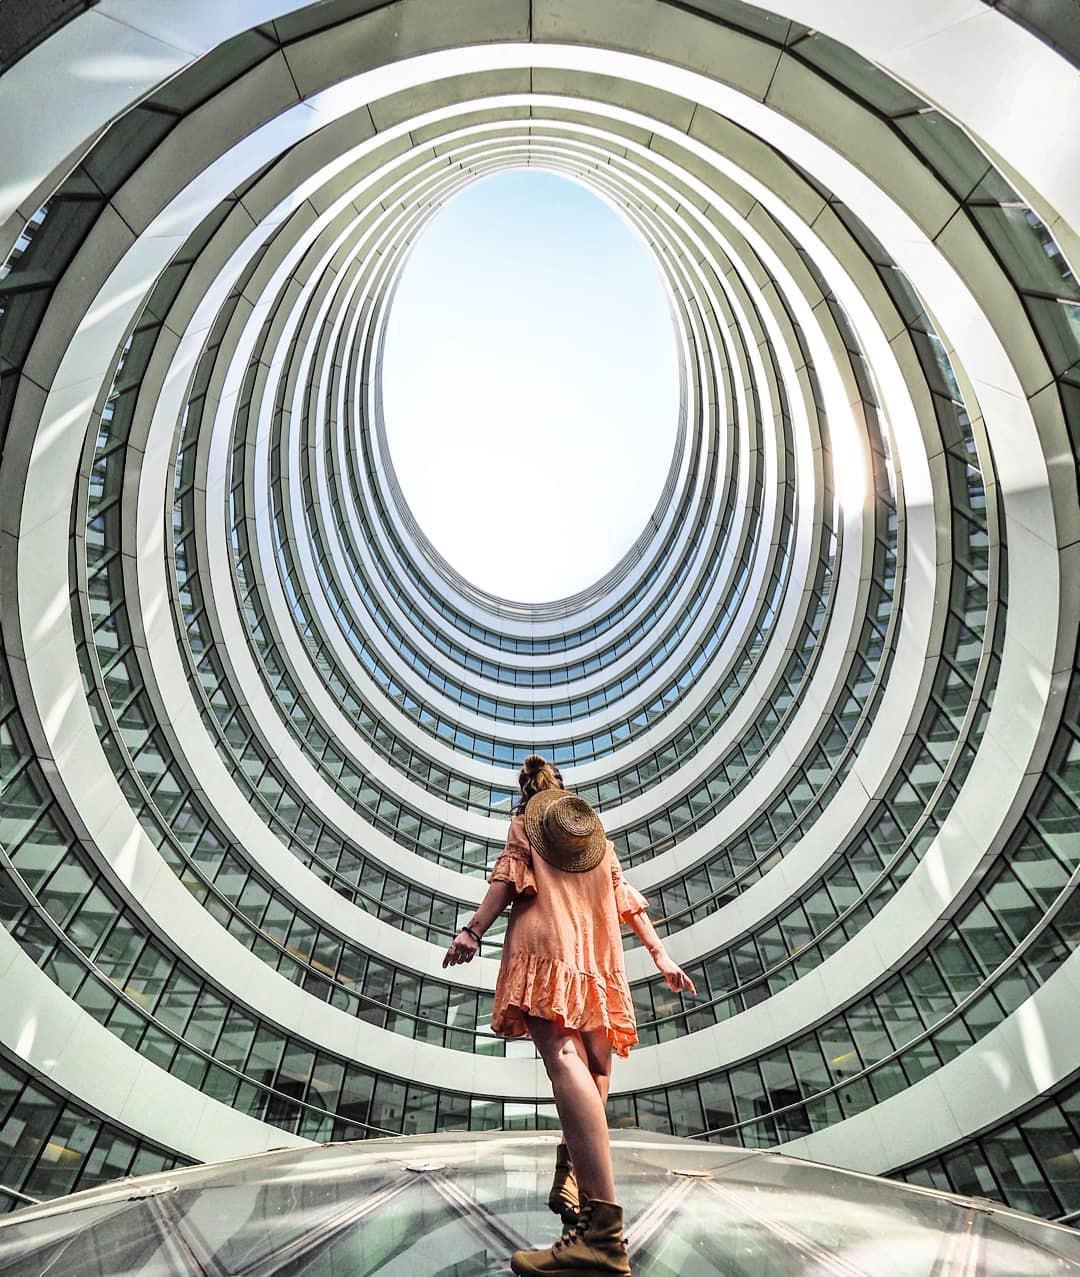 Choáng ngợp trước trung tâm thương mại hình xoắn ốc lên ảnh siêu ảo từng gây tranh cãi khắp Trung Quốc - Ảnh 15.